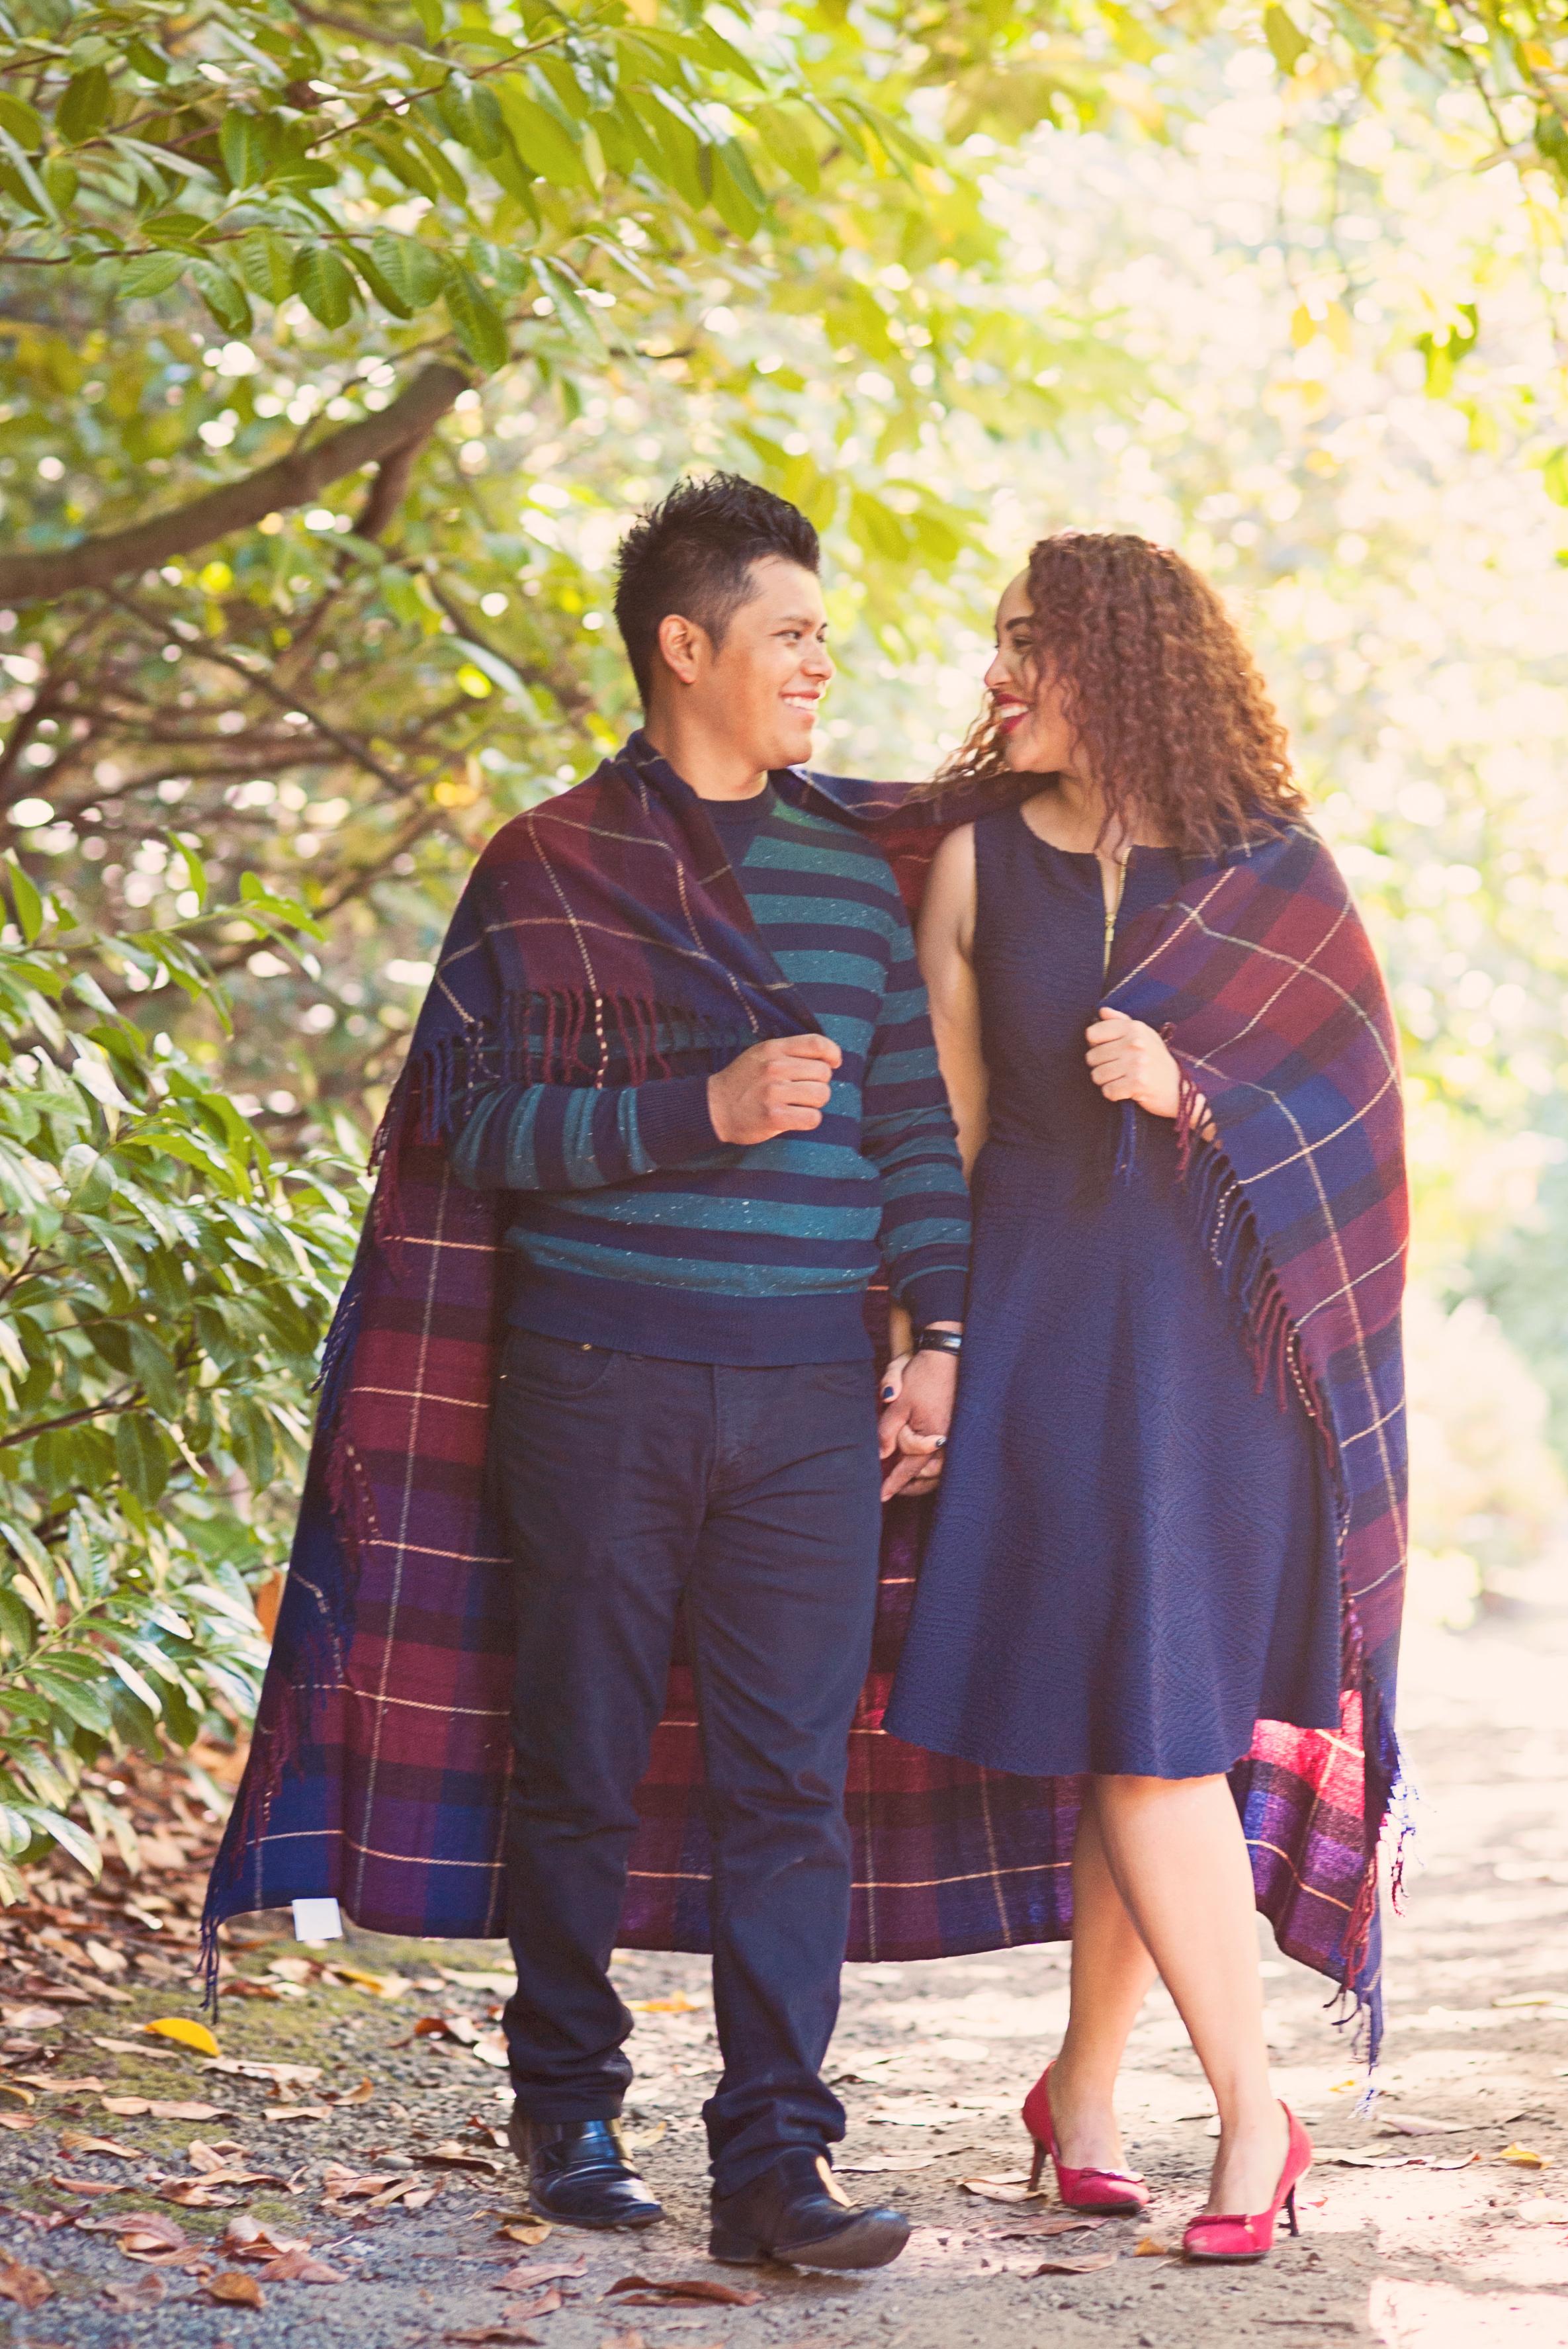 Seattle-Wedding-Photographer,-Kelsey-Lane-Photography_Esther-+-Israel_Kubota-Park-Engagement-2015-44.jpg